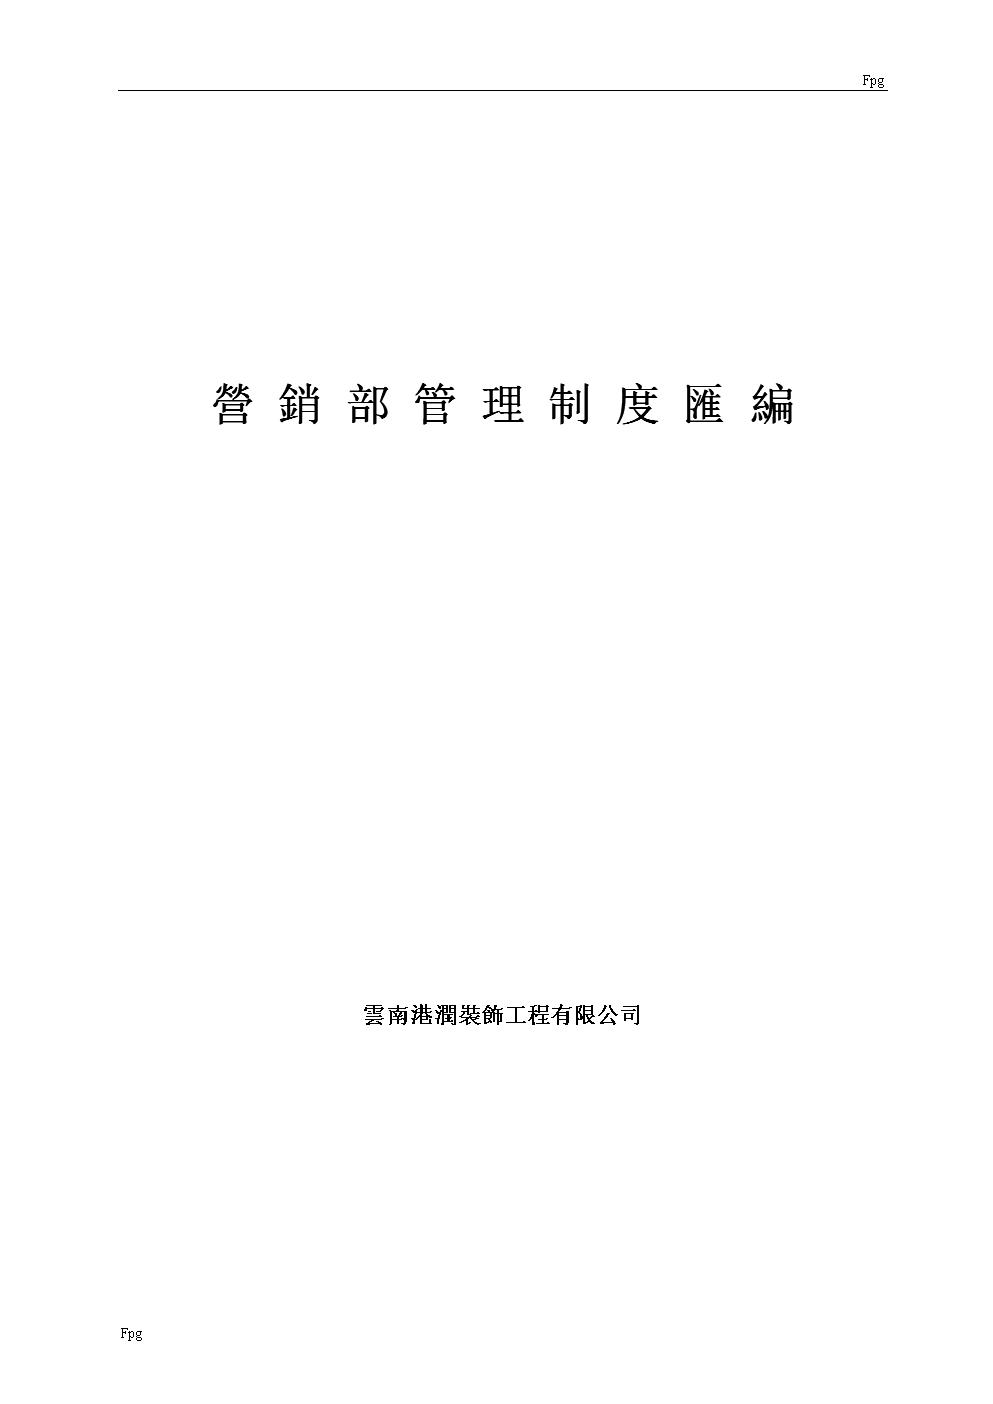 2019年装饰公司营销资料.doc